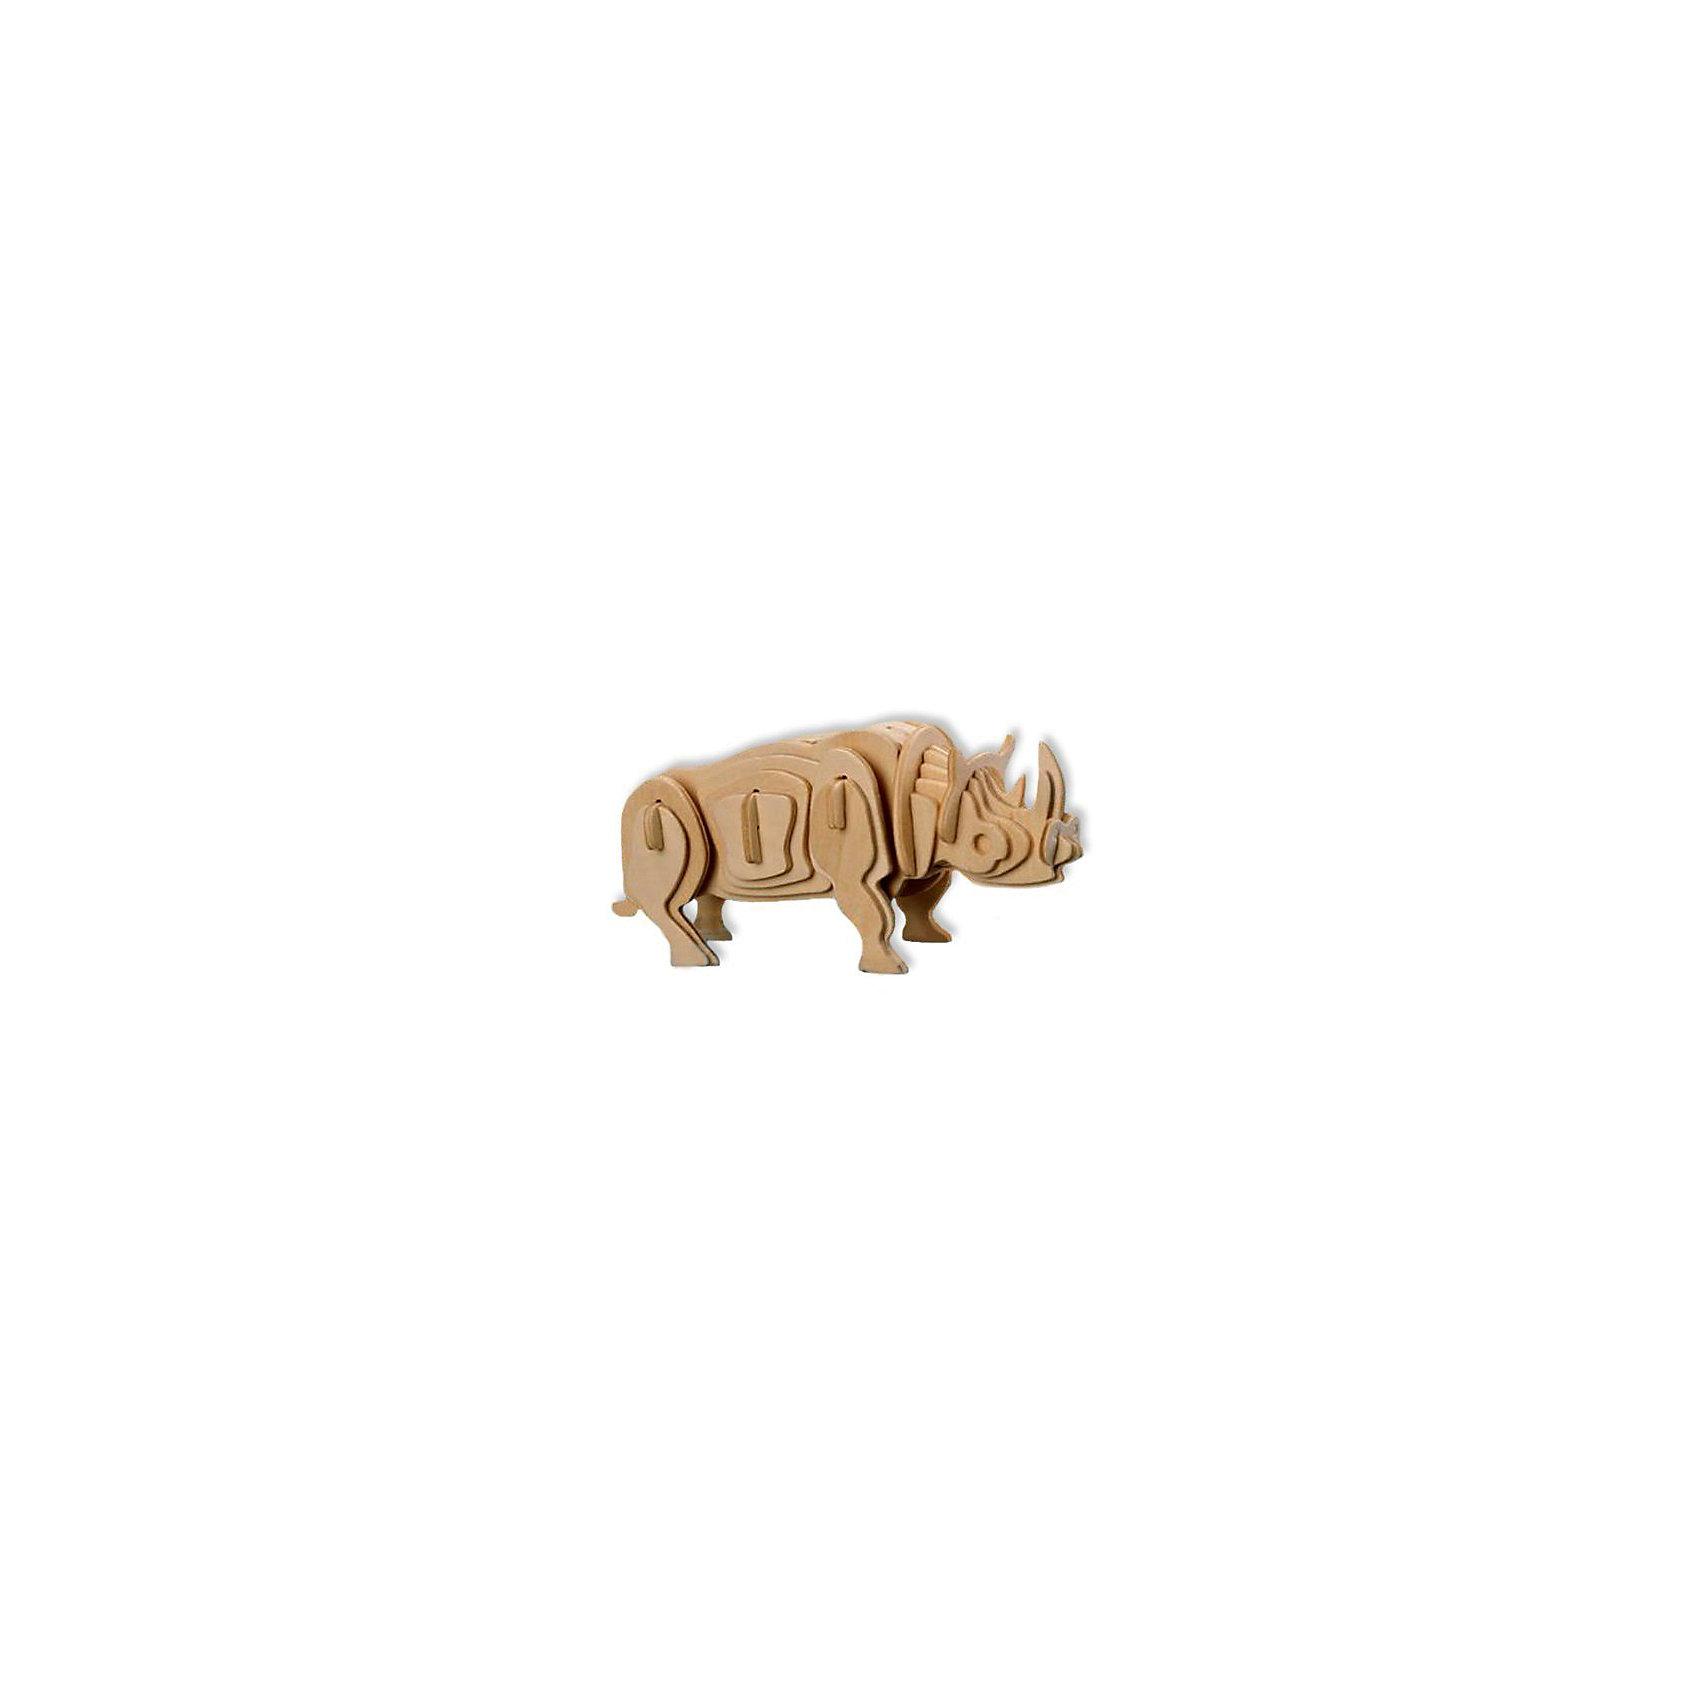 Белый носорог, Мир деревянных игрушекДеревянные модели<br>Развивать свои способности ребенок может, сам собирая деревянные фигуры! Специально для любящих творчество и интересующихся животным миром были разработаны эти 3D-пазлы. Из них получаются красивые очень реалистичные фигуры, которые могут стать украшением комнаты. Для этого нужно выдавить из пластины с деталями элементы для сборки и соединить их. <br>Собирая их, ребенок будет учиться соотносить фигуры, развивать пространственное мышление, память и мелкую моторику. А раскрашивая готовое произведение, дети научатся подбирать цвета и будут развивать художественные навыки. Этот набор произведен из качественных и безопасных для детей материалов - дерево тщательно обработано.<br><br>Дополнительная информация:<br><br>материал: дерево;<br>цвет: бежевый;<br>элементы: пластины с деталями для сборки;<br>размер упаковки: 23 х 18 см.<br><br>3D-пазл Белый носорог от бренда Мир деревянных игрушек можно купить в нашем магазине.<br><br>Ширина мм: 225<br>Глубина мм: 30<br>Высота мм: 180<br>Вес г: 450<br>Возраст от месяцев: 36<br>Возраст до месяцев: 144<br>Пол: Унисекс<br>Возраст: Детский<br>SKU: 4969071